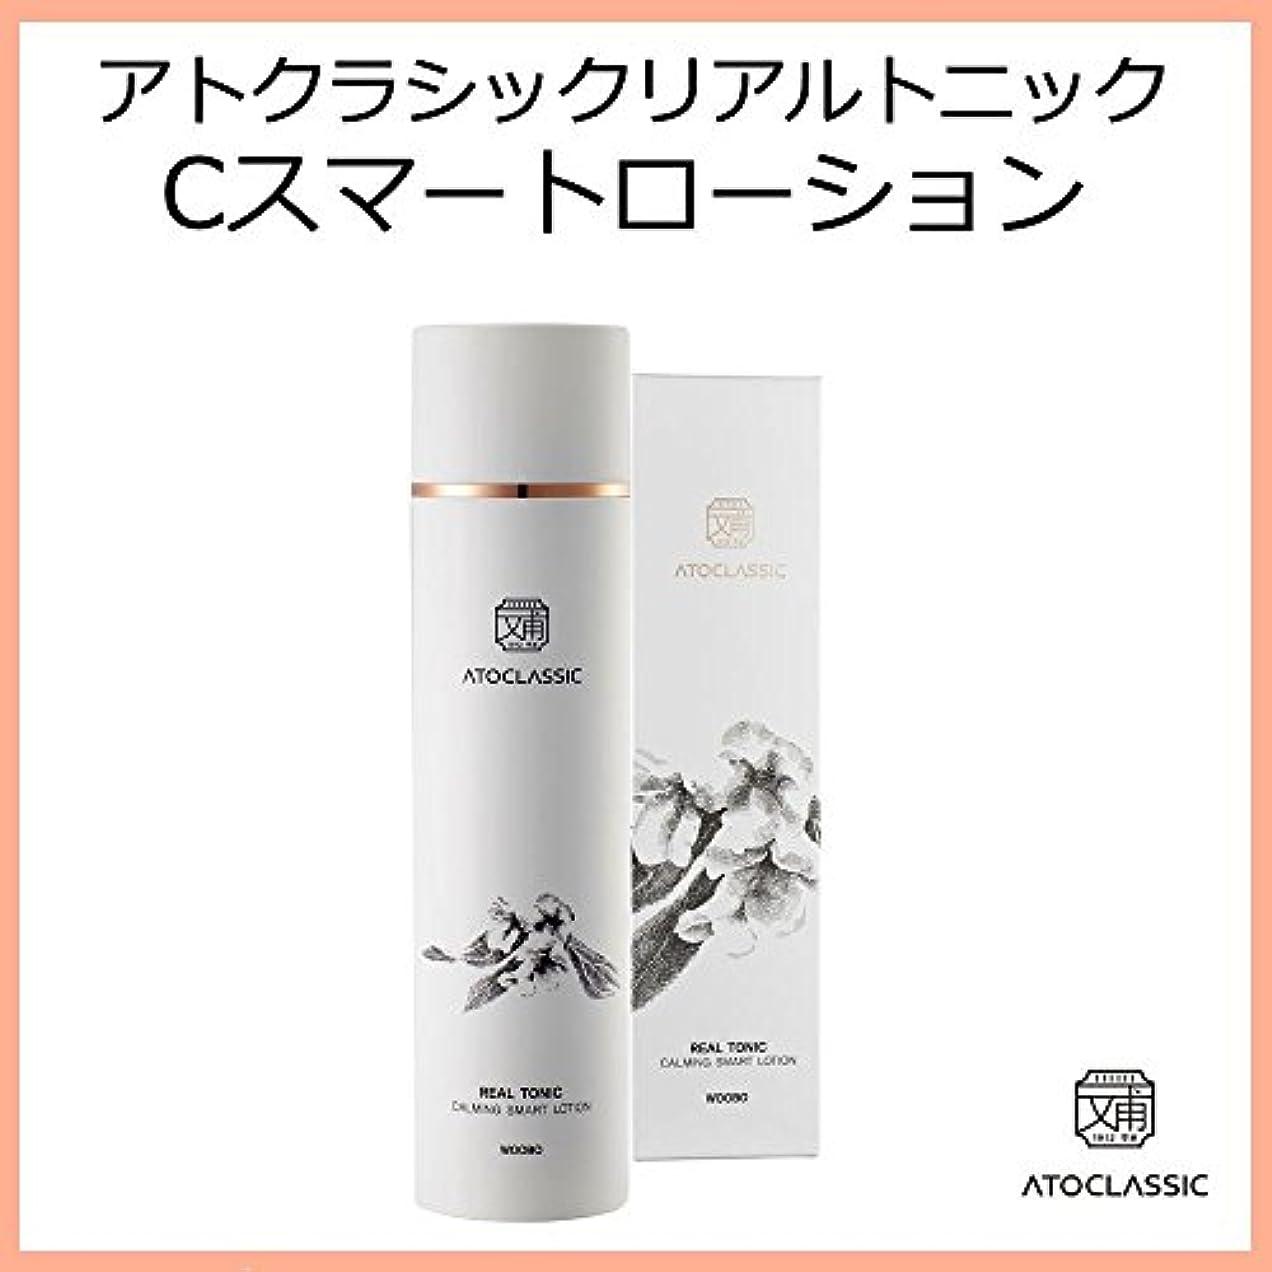 葉巻抜本的なアセ韓国コスメ ATOCLASSIC アトクラシックリアルトニック Cスマートローション(Calming Smart Lotion) 200ml